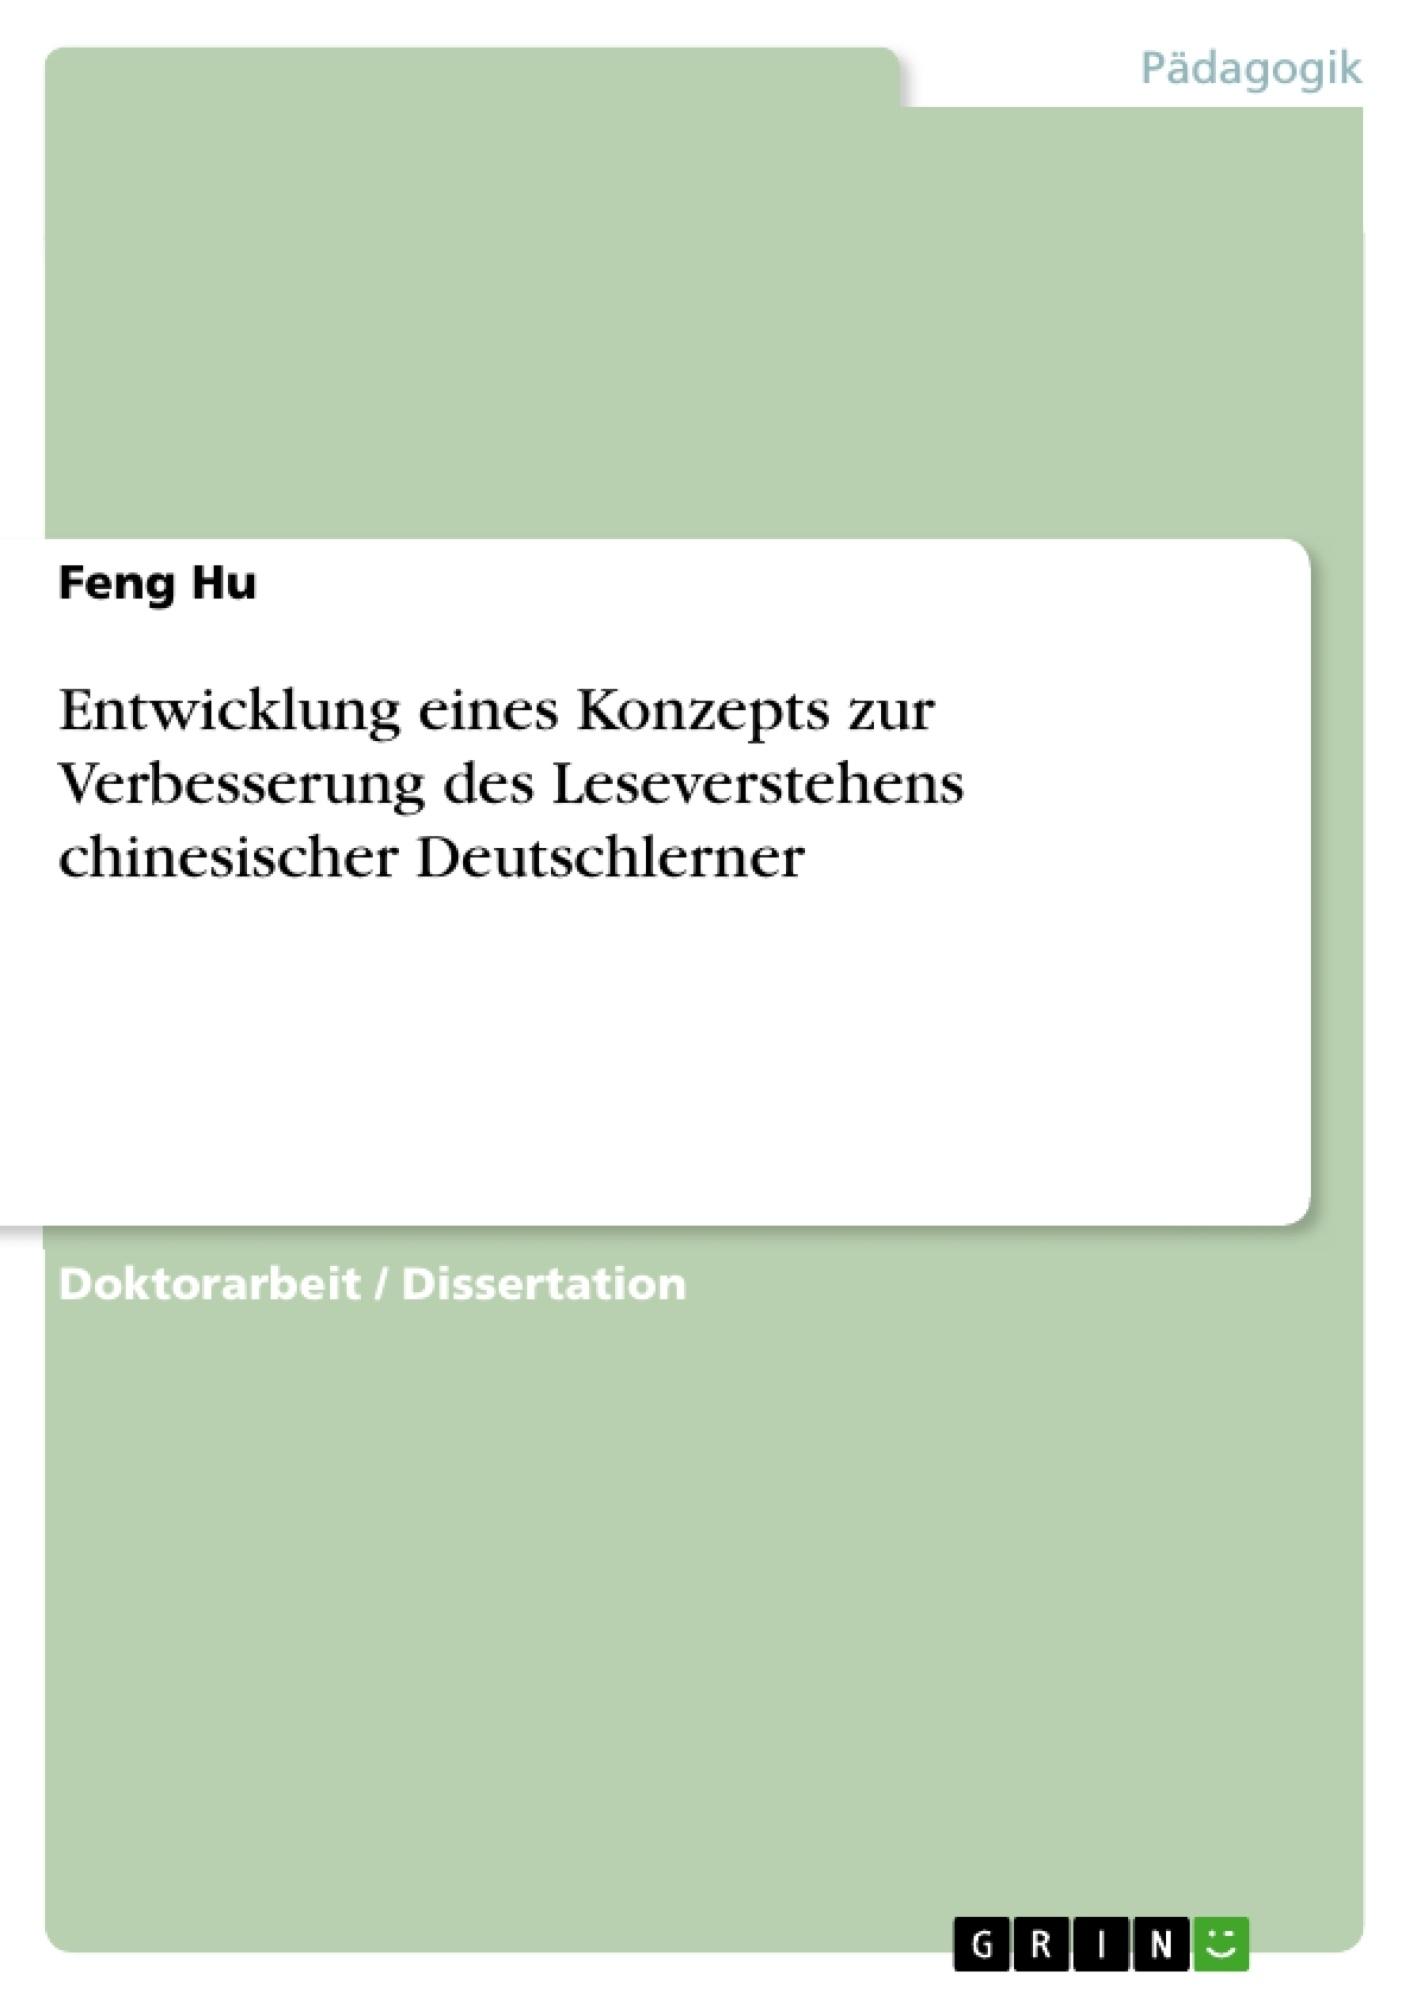 Titel: Entwicklung eines Konzepts zur Verbesserung des Leseverstehens chinesischer Deutschlerner